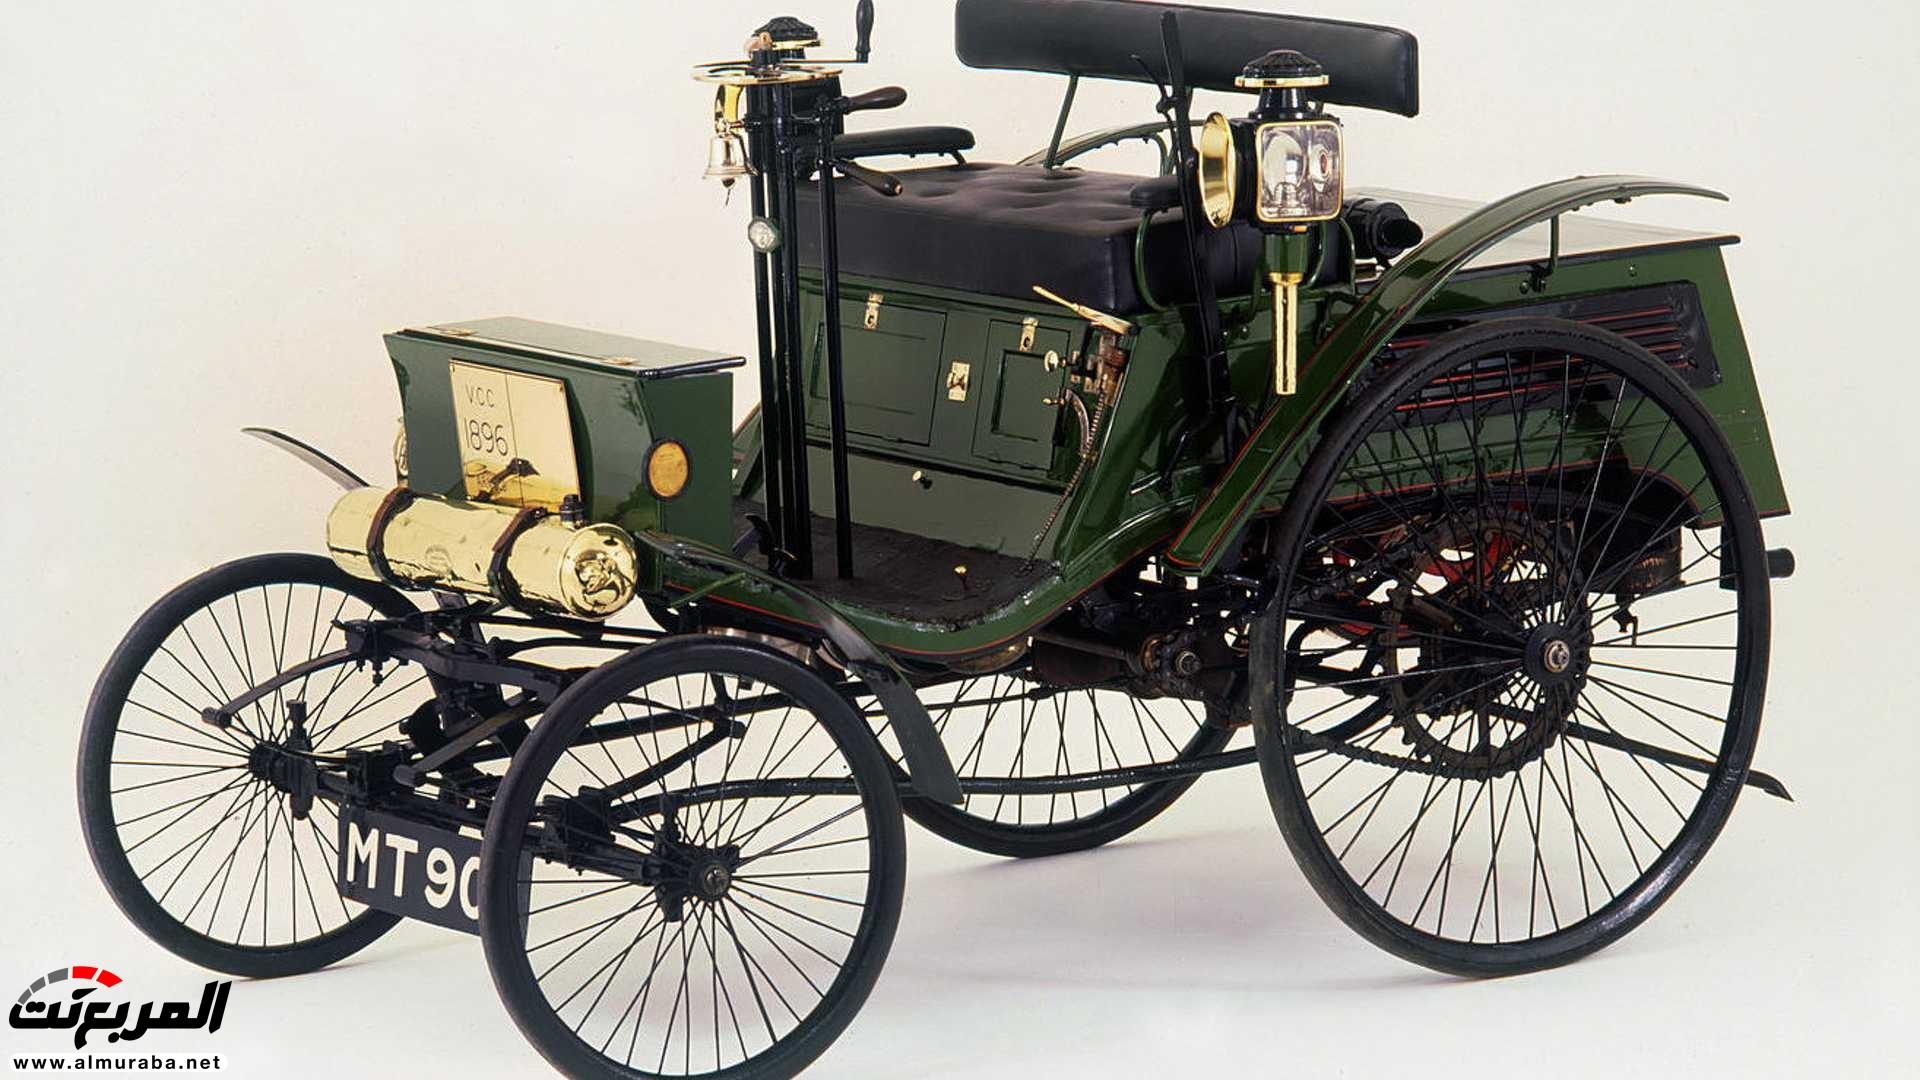 هذه هي أول سيارة تحصل على مخالفة سرعة في التاريخ | المربع نت